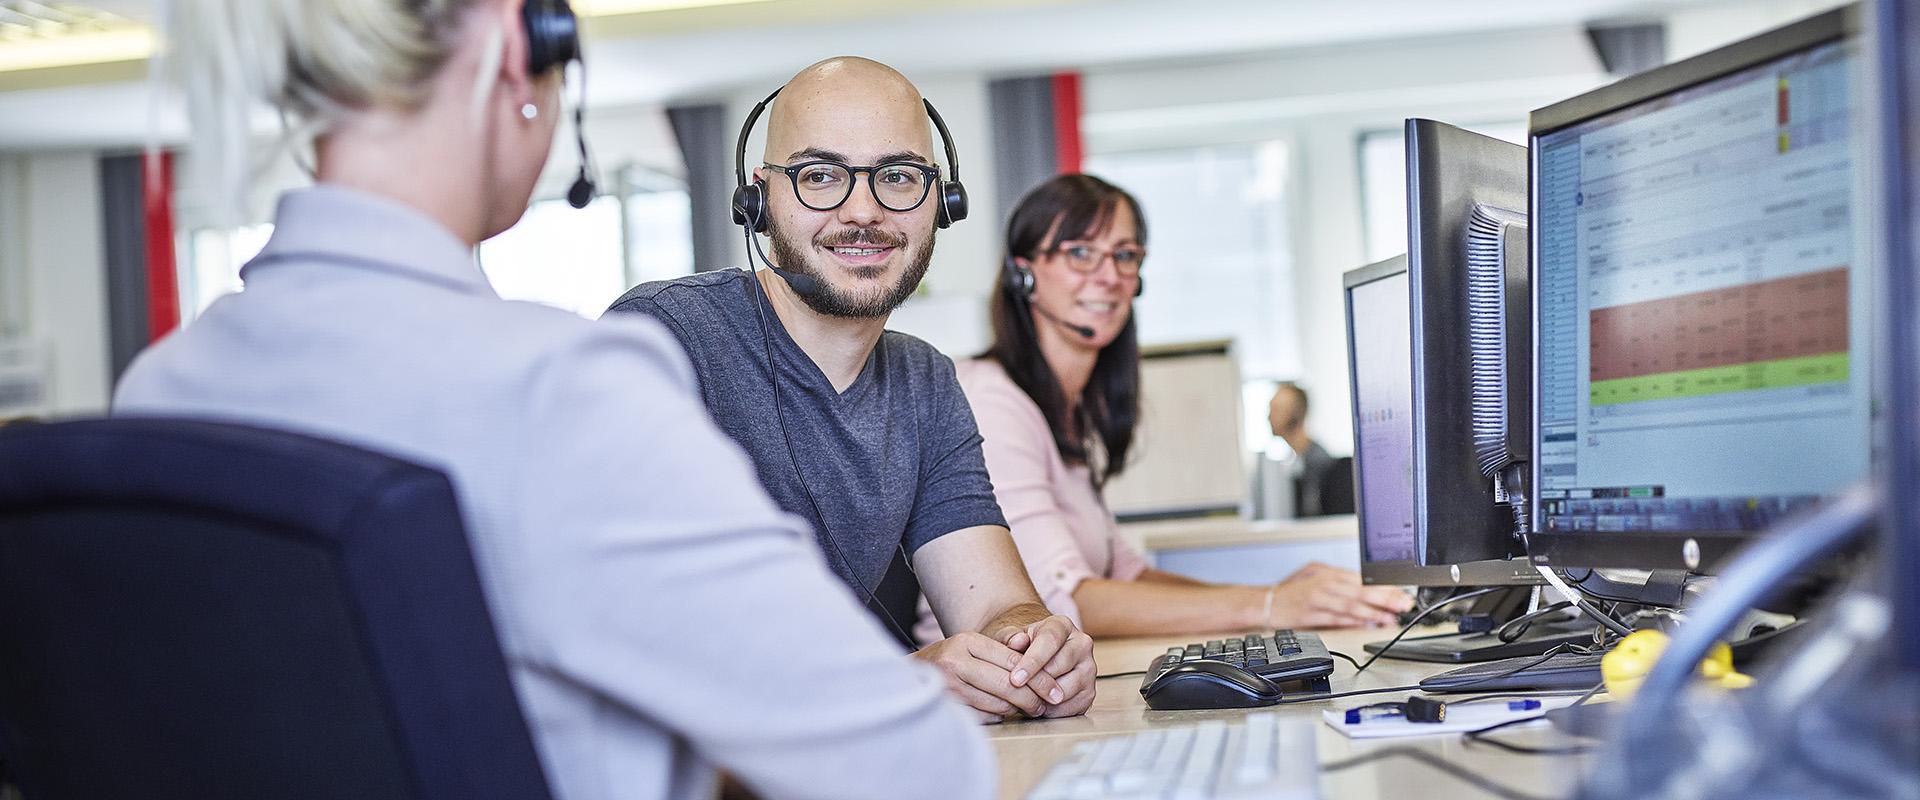 Mitarbeiter mit Headset am Arbeitsplatz